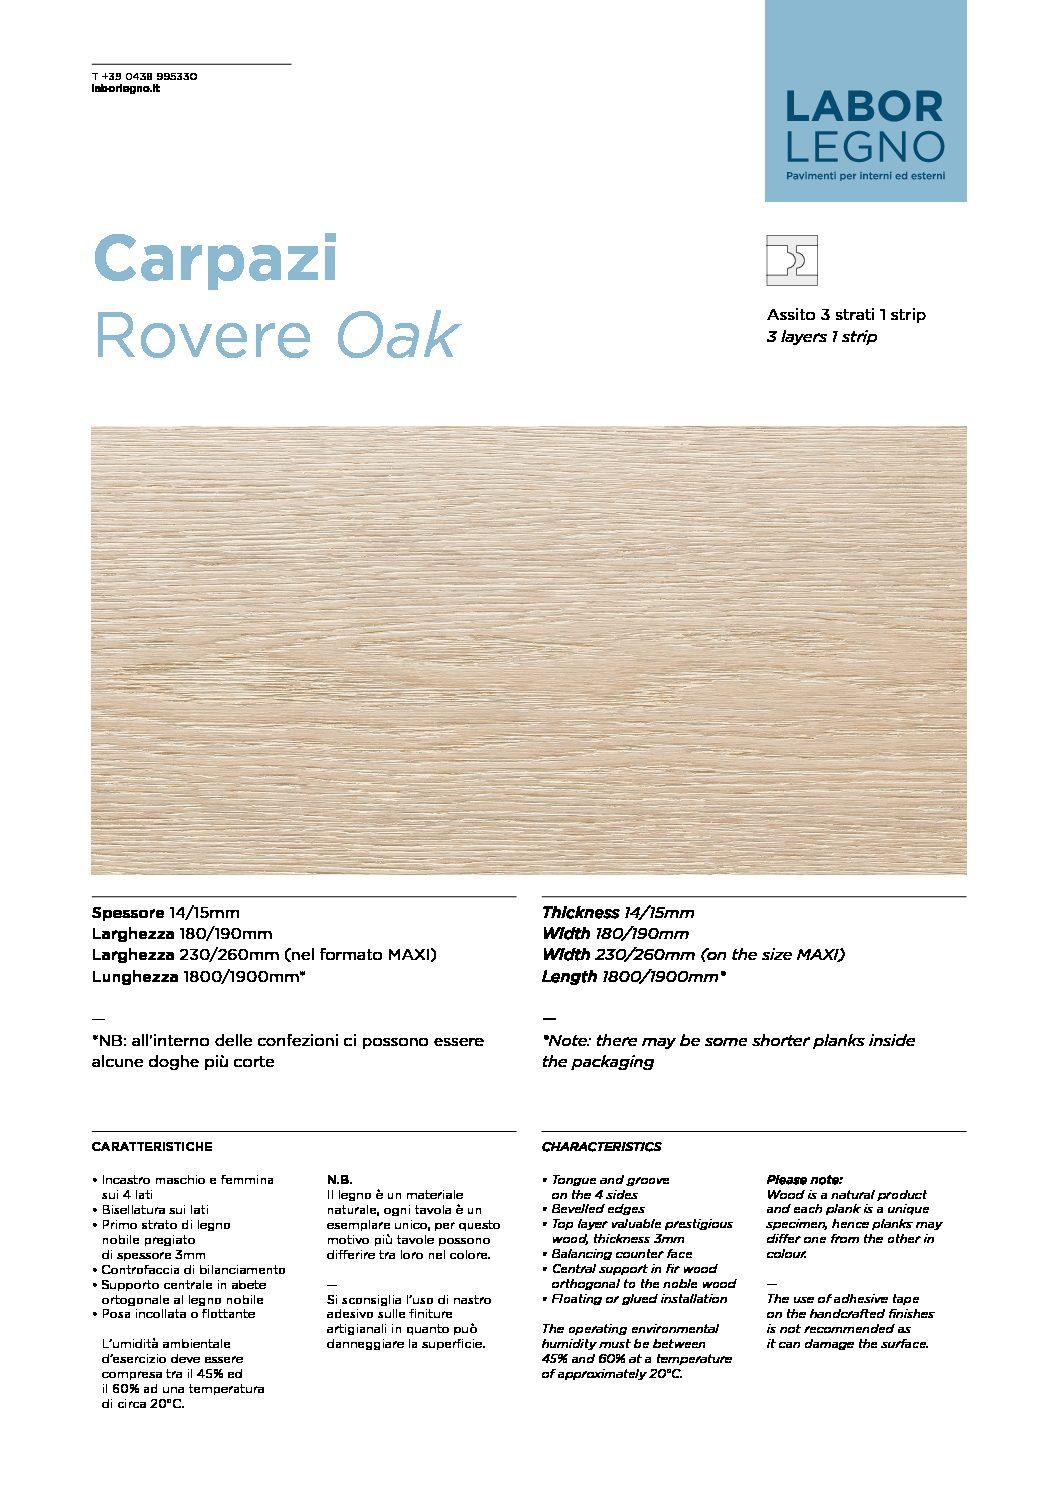 Pavimento A Incastro Per Esterni carpazi - labor legno